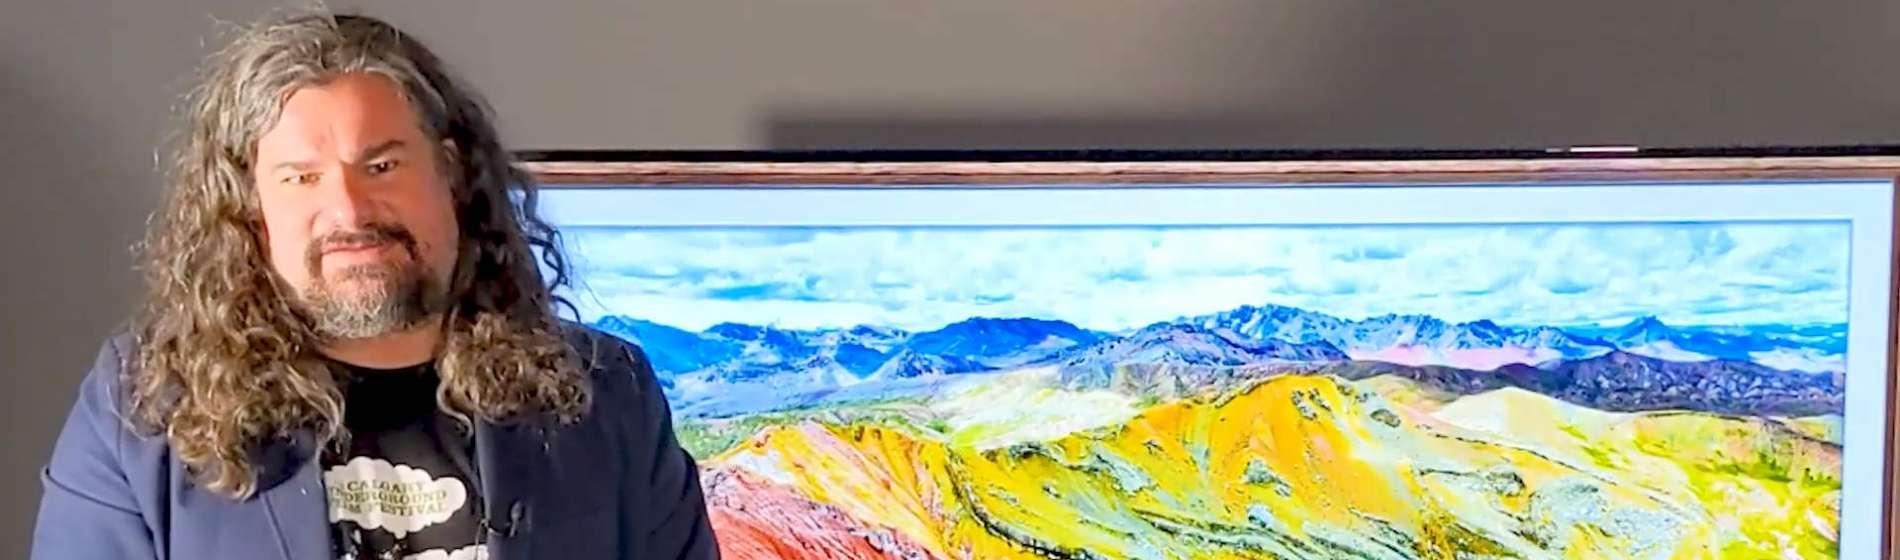 LG-77OLEDCX-TV-Review-Jason-Gorber